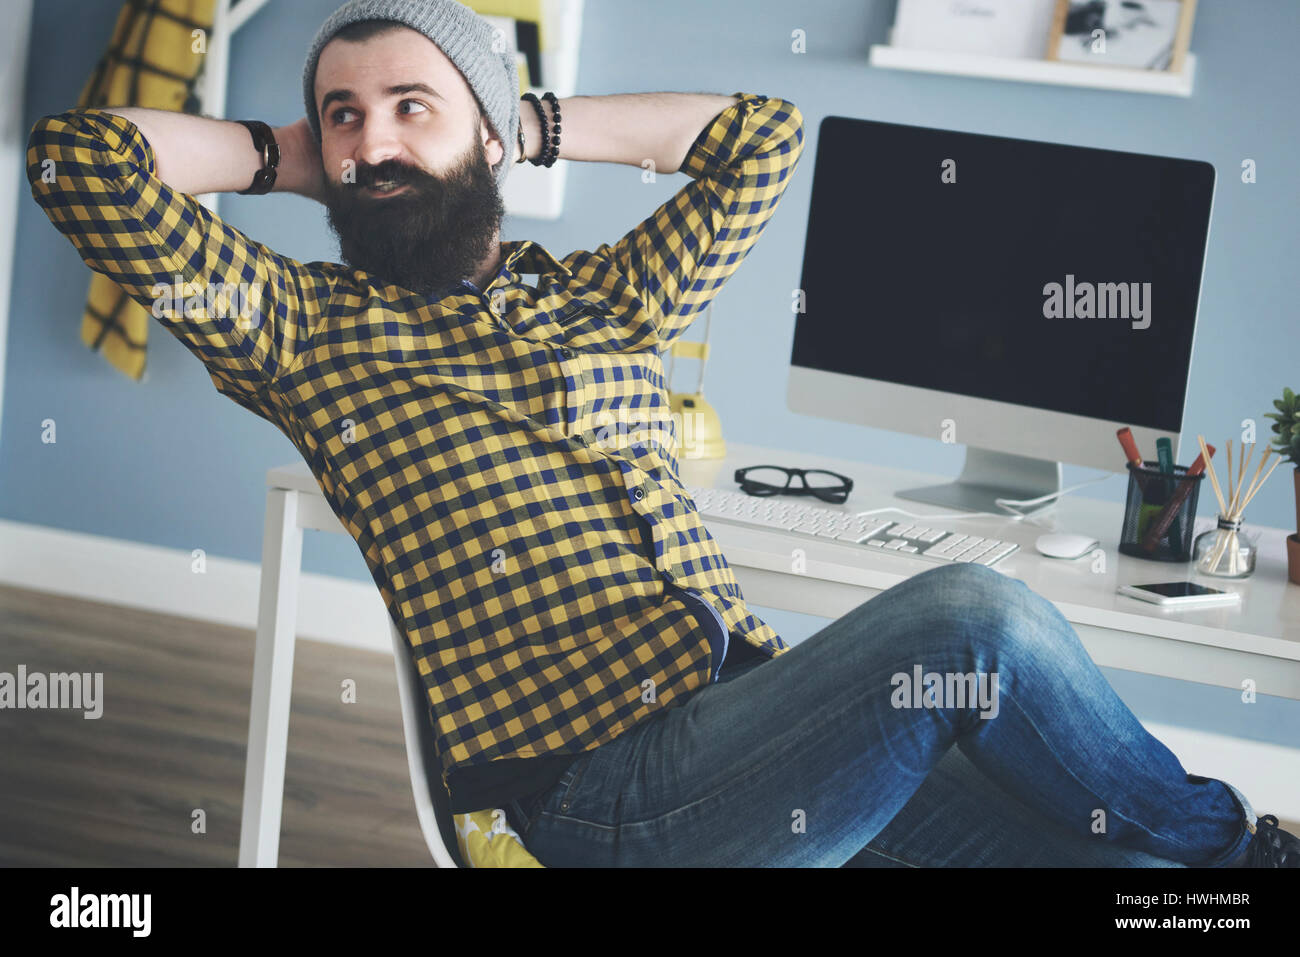 Business man reclinata su sedia accanto al computer Immagini Stock